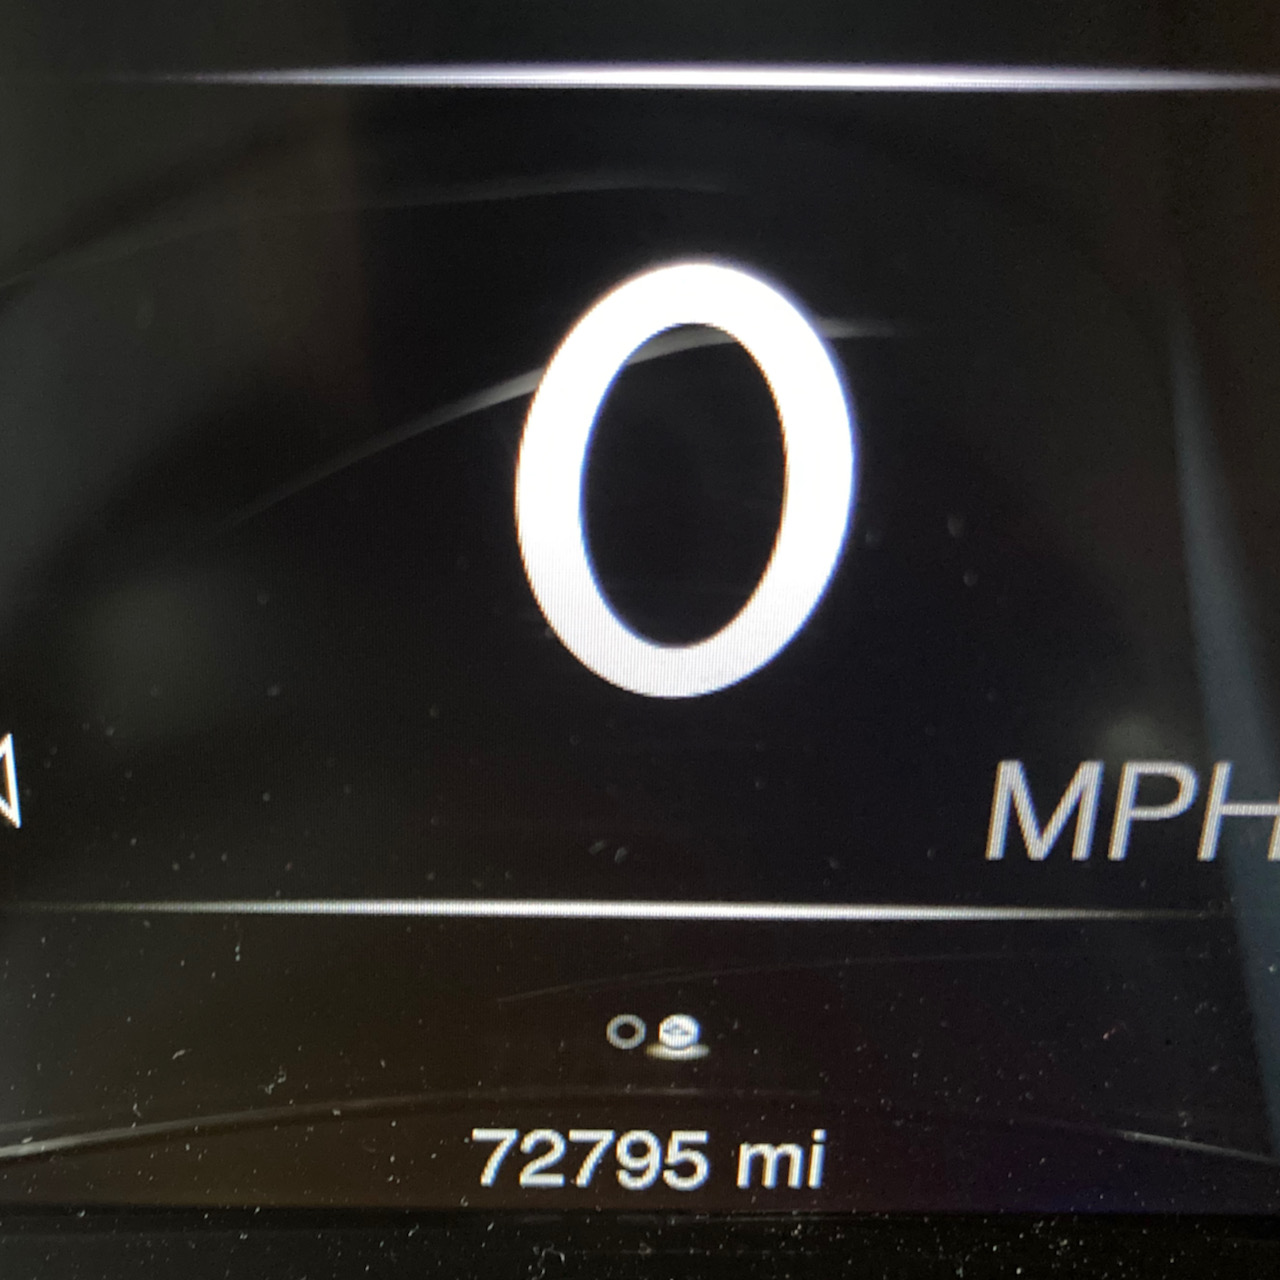 Odometer reading 72795 MI